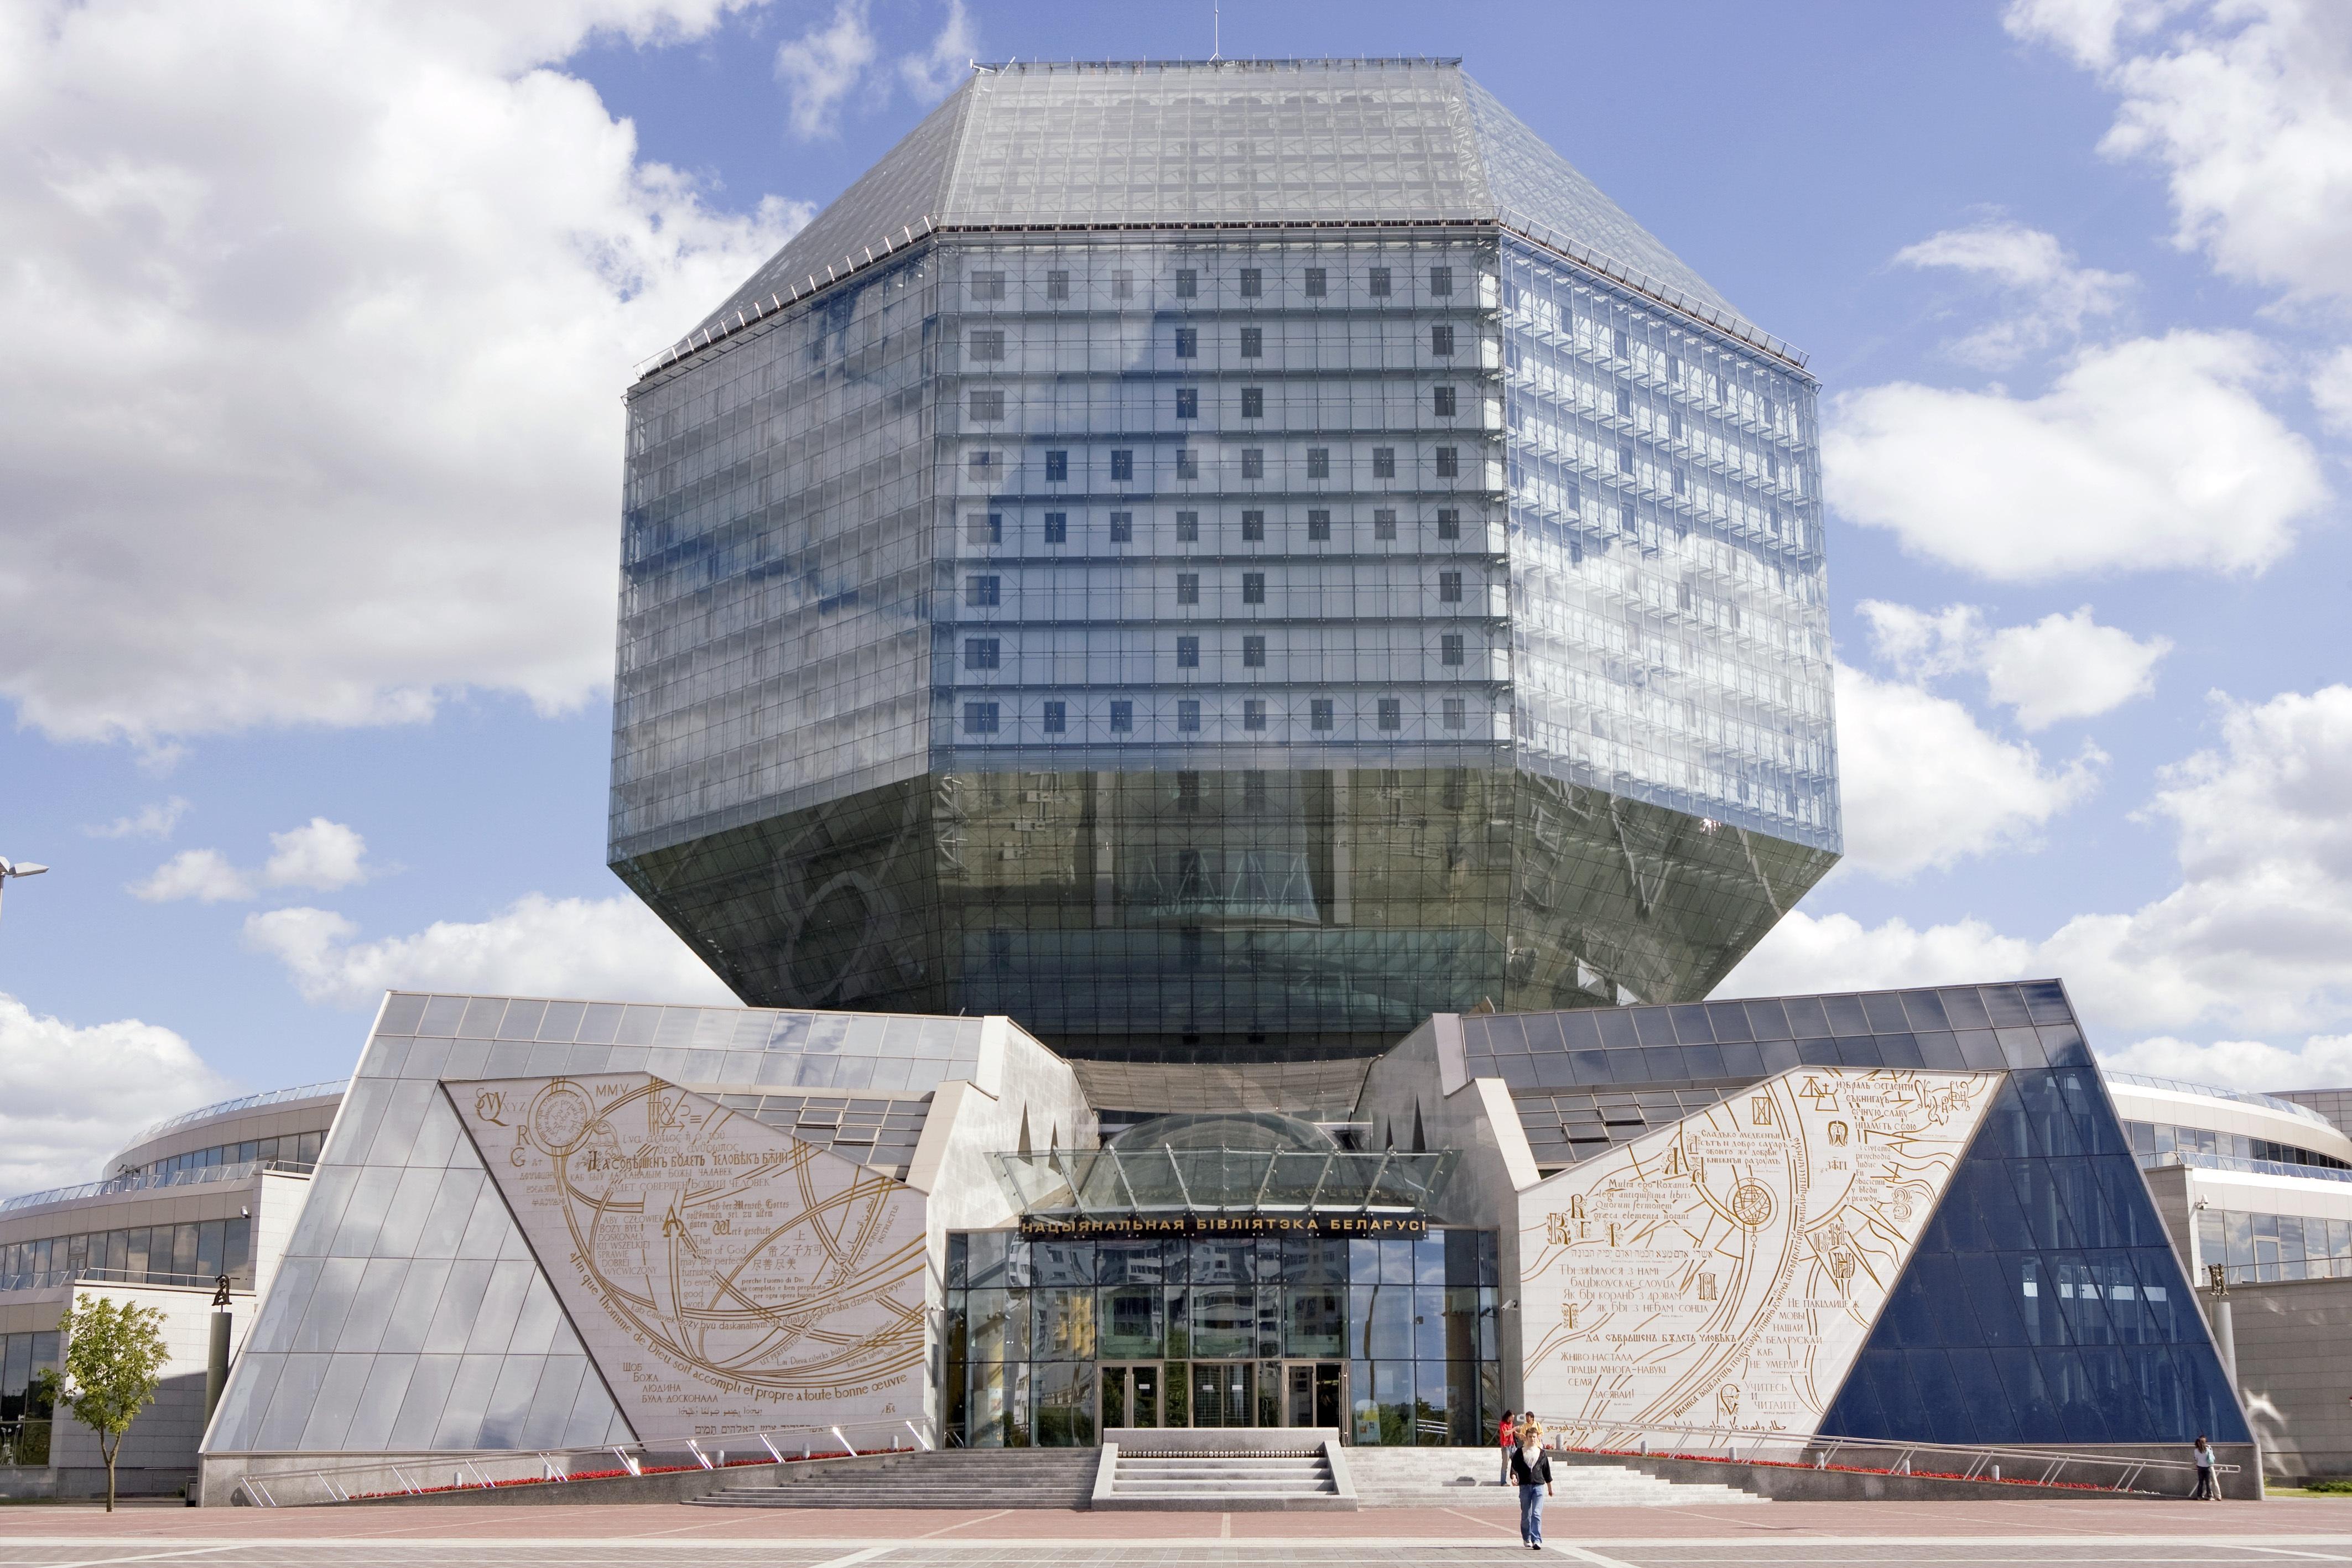 """""""Žinių kristalu"""" vadinama moderni biblioteka tapo vienu iš Minsko simbolių. (Scanpix nuotr.)"""